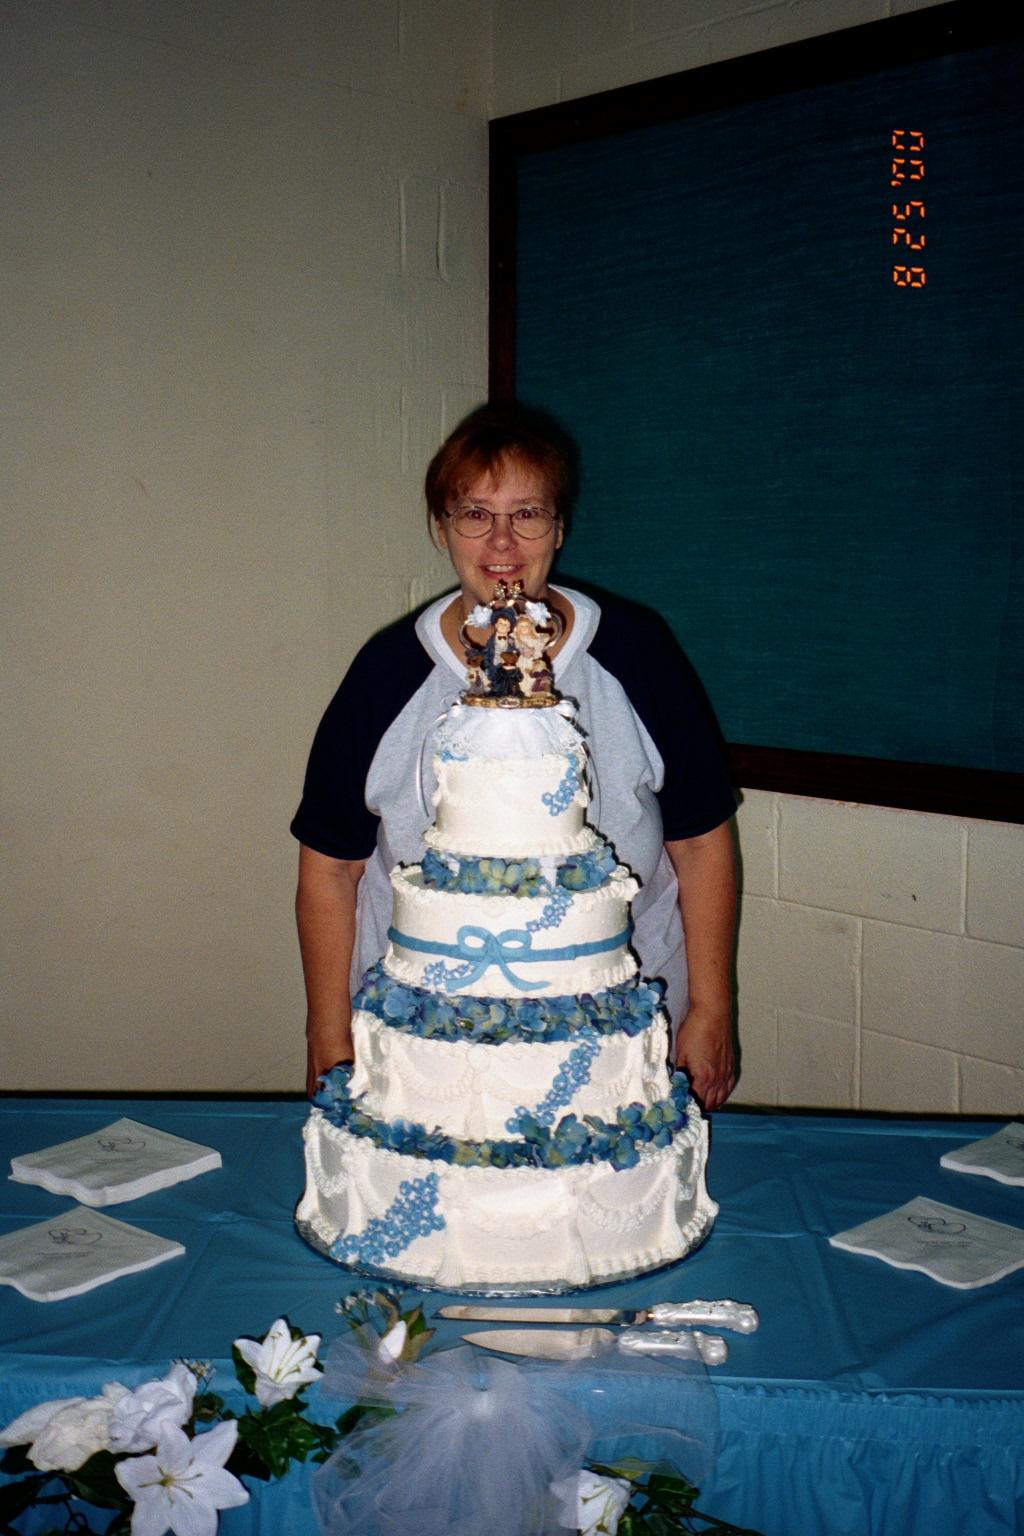 Theresa's cake (3)